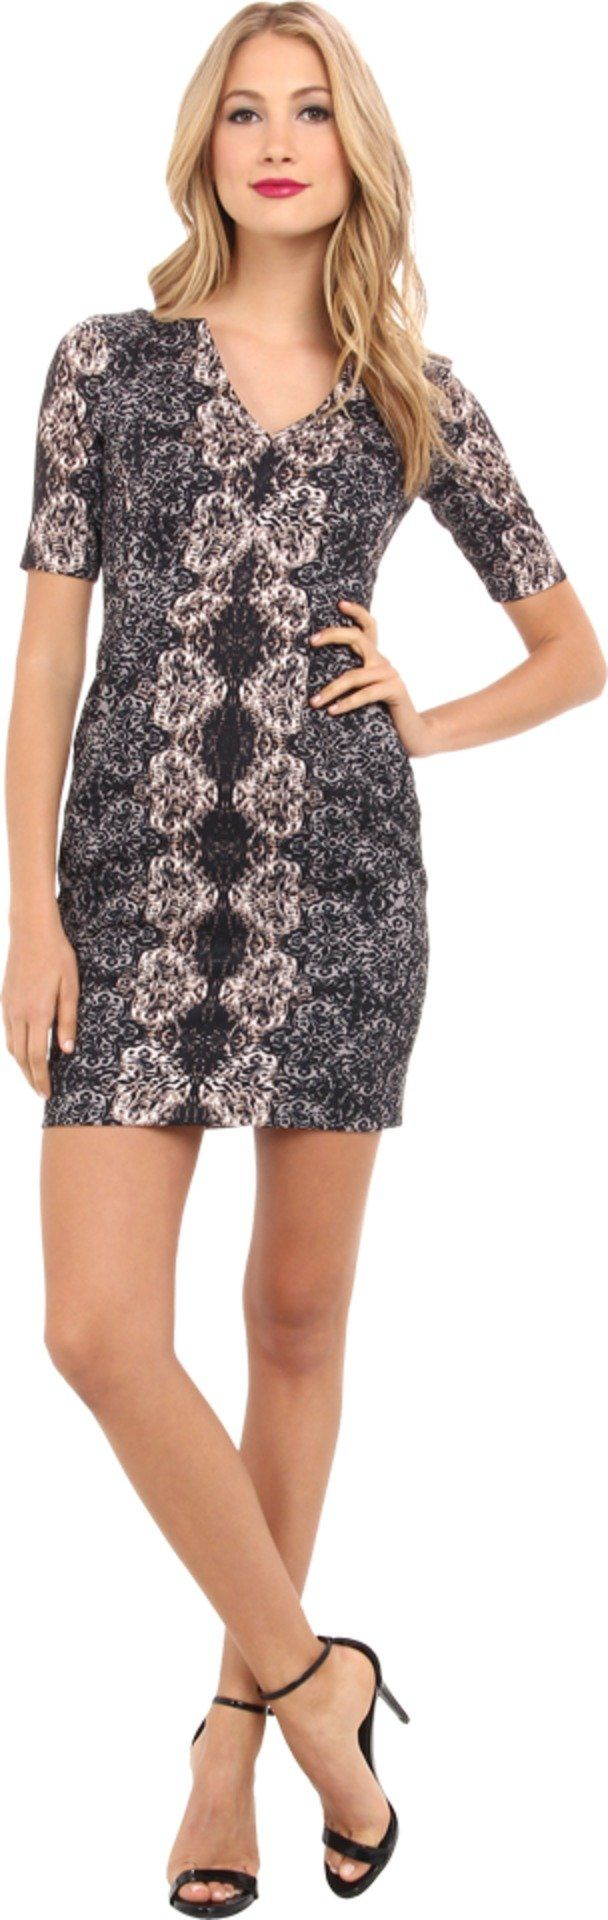 Nanette Lepore Women's Merry-Go Round Dress Black Multi Dress 10. Made in USA.